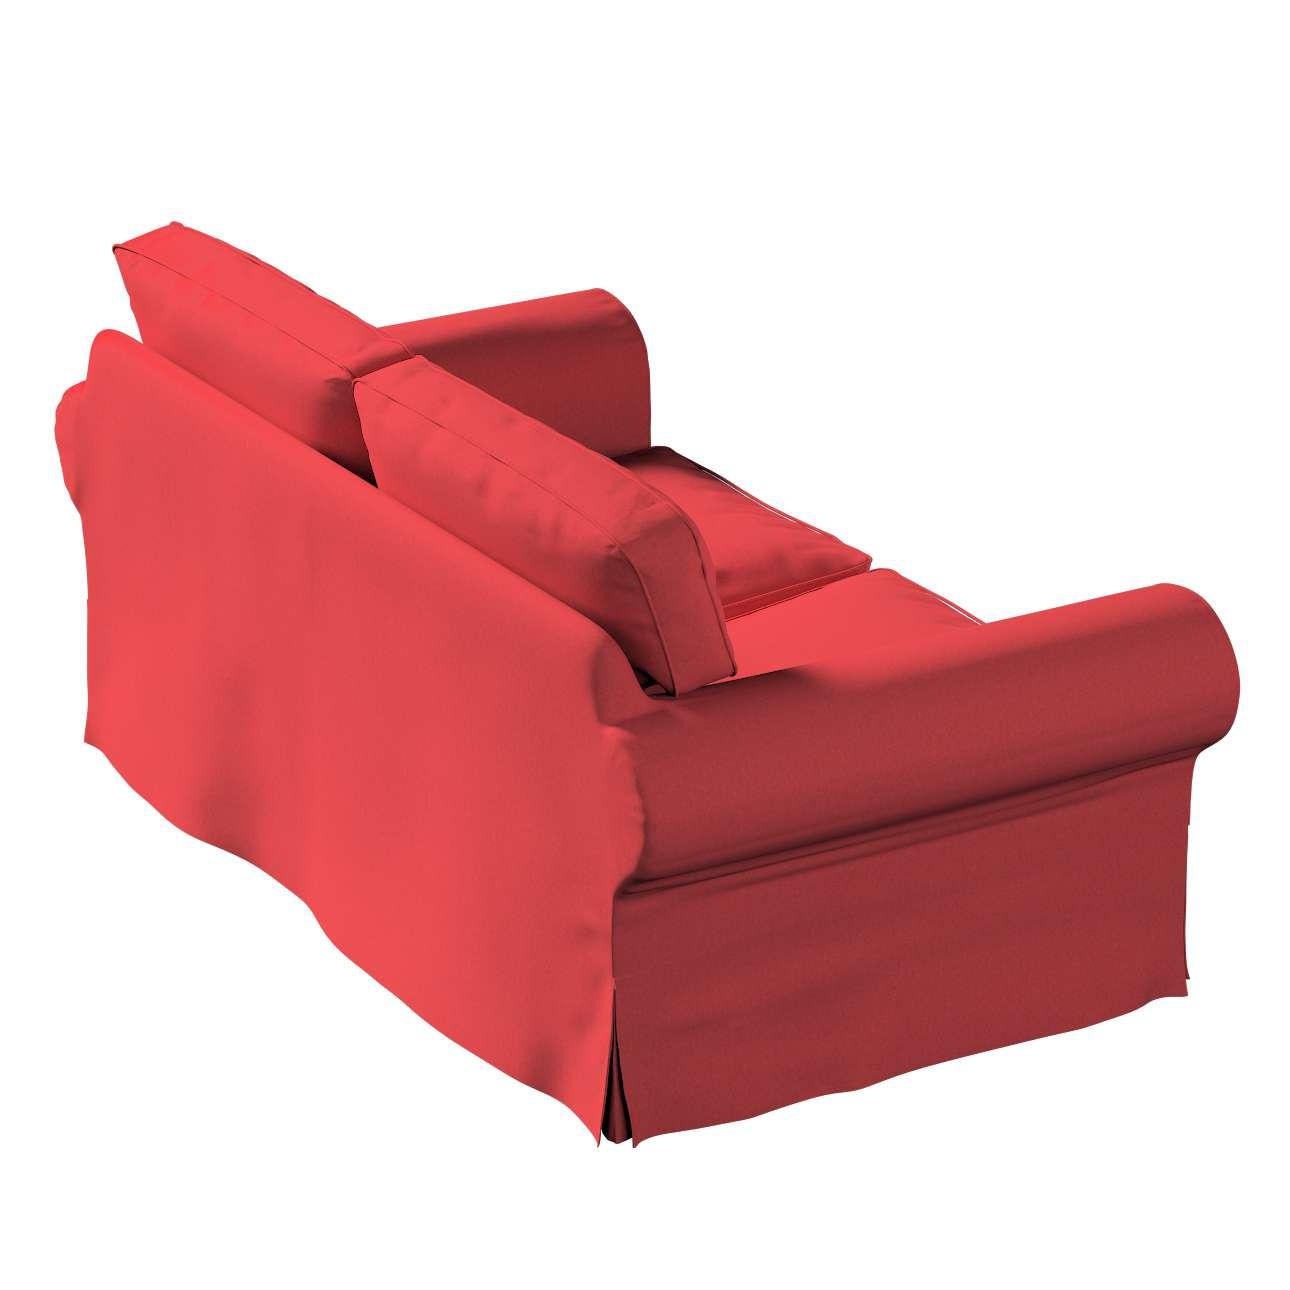 IKEA hoes voor Ektorp 2-zits slaapbank - NIEUW model van de collectie Living, Stof: 161-56